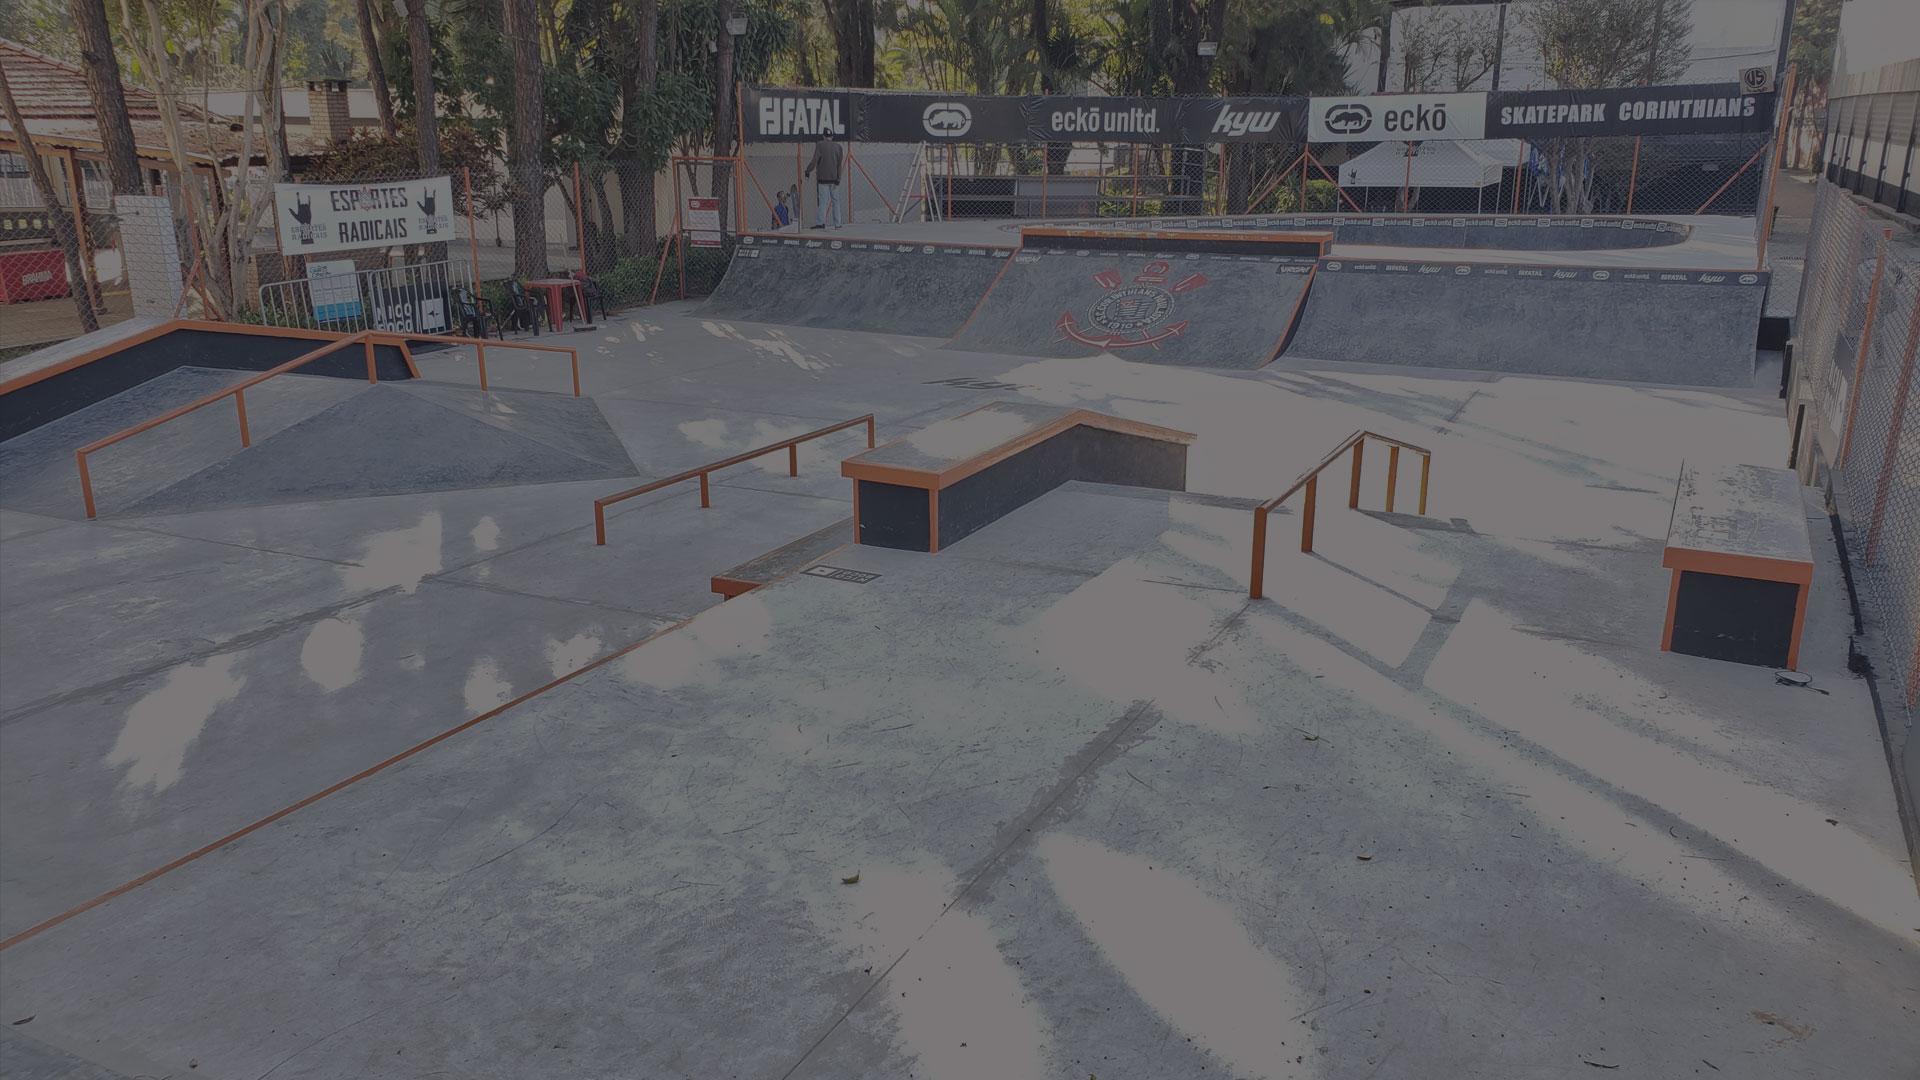 Corinthians Skatepark